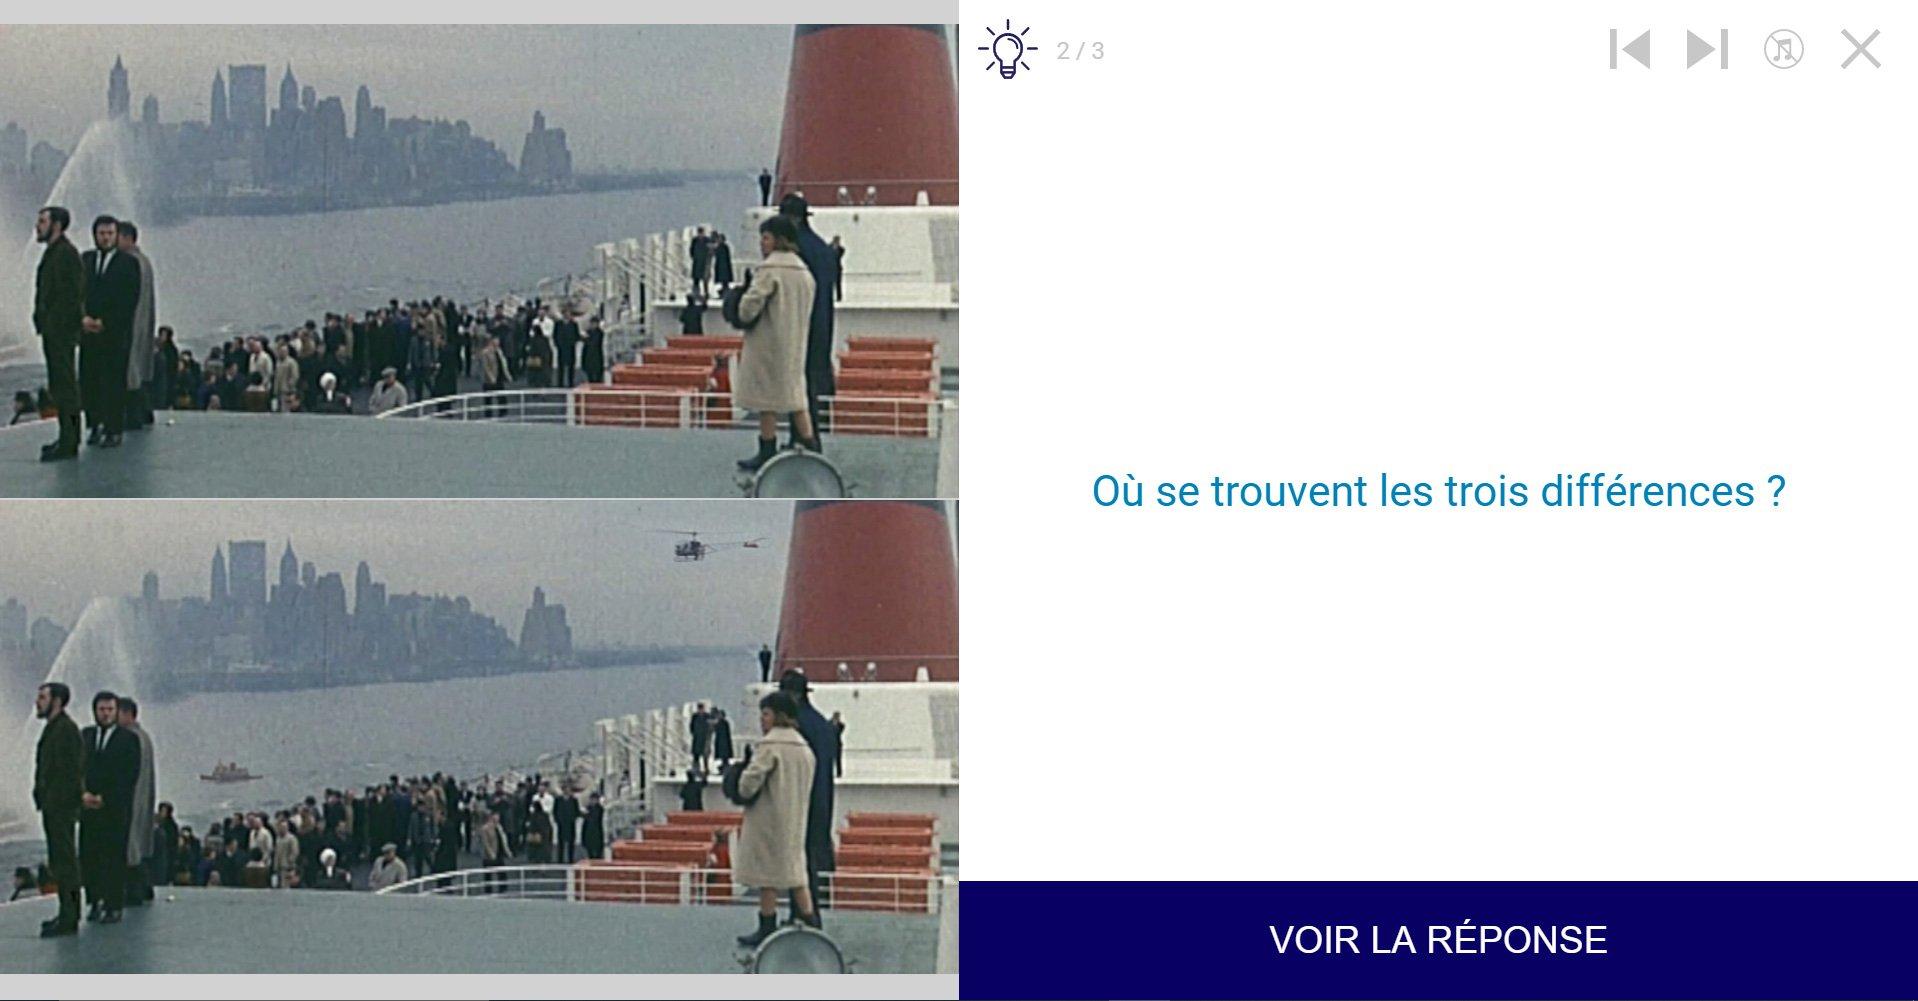 TVneurones Le Grand Jeu : logiciel qui utilise les archives vidéos de l'INA pour la stimuler les capacités cognitives des personnes âgées - exemple 2 activité module Attention